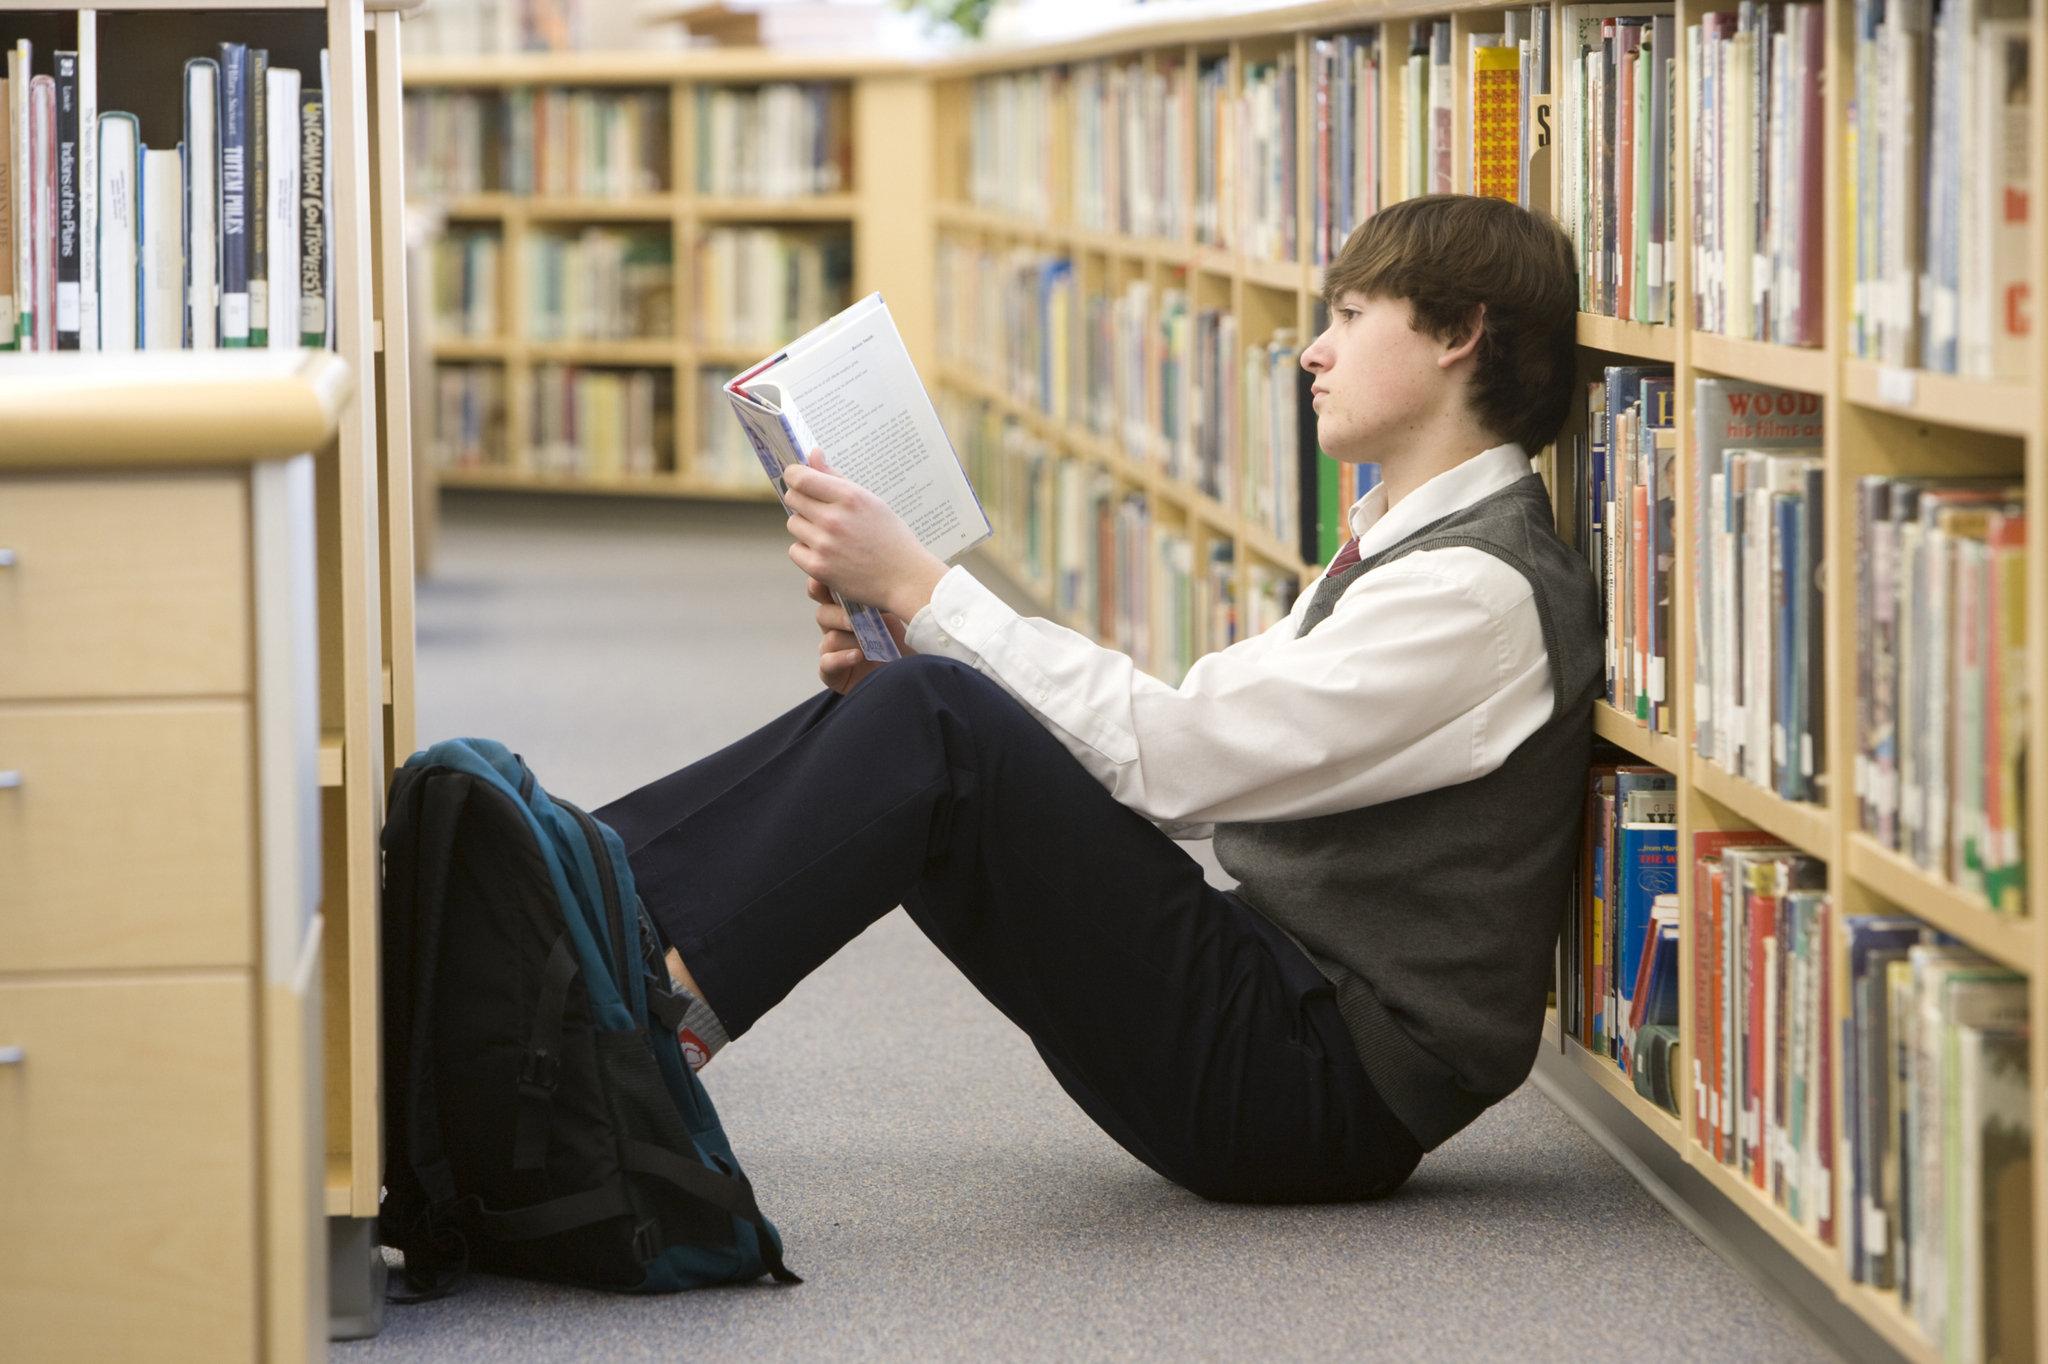 Фото картинки читающих людей